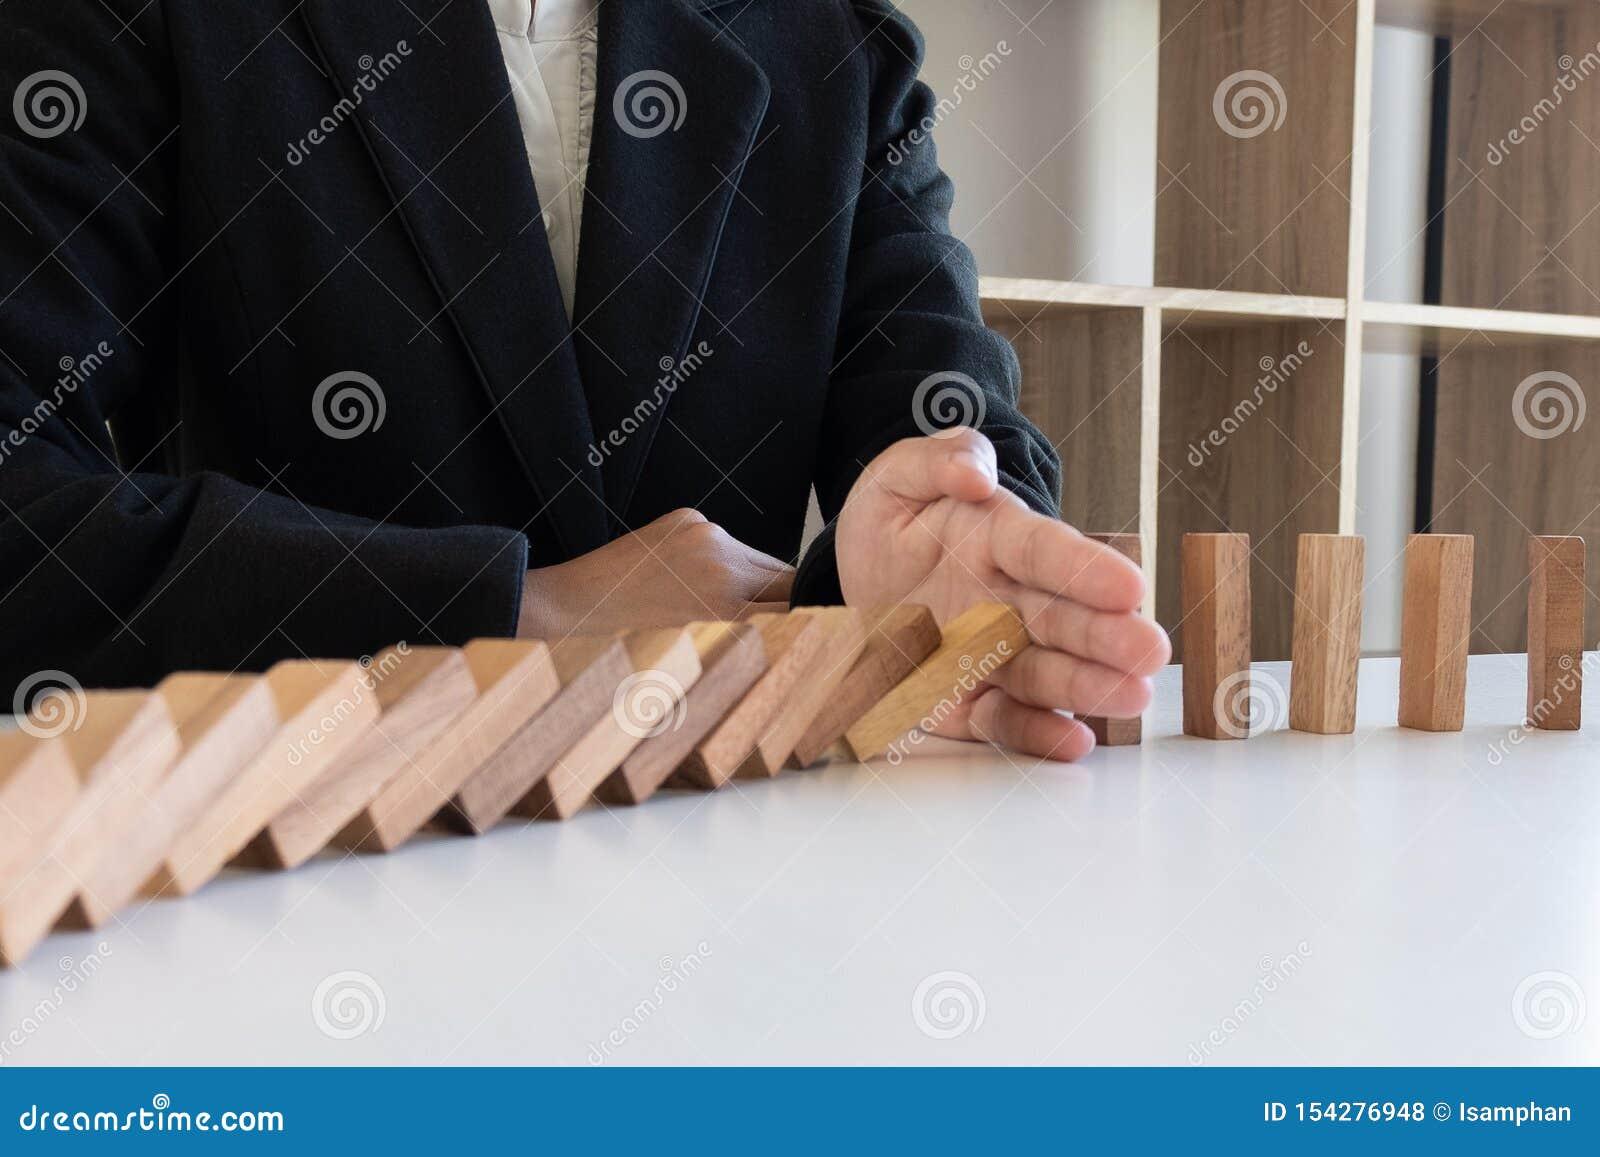 La madera de los bloques de la parada de la mano de la mujer proteger otro, concepto evita que los fracasos se separen al otro se